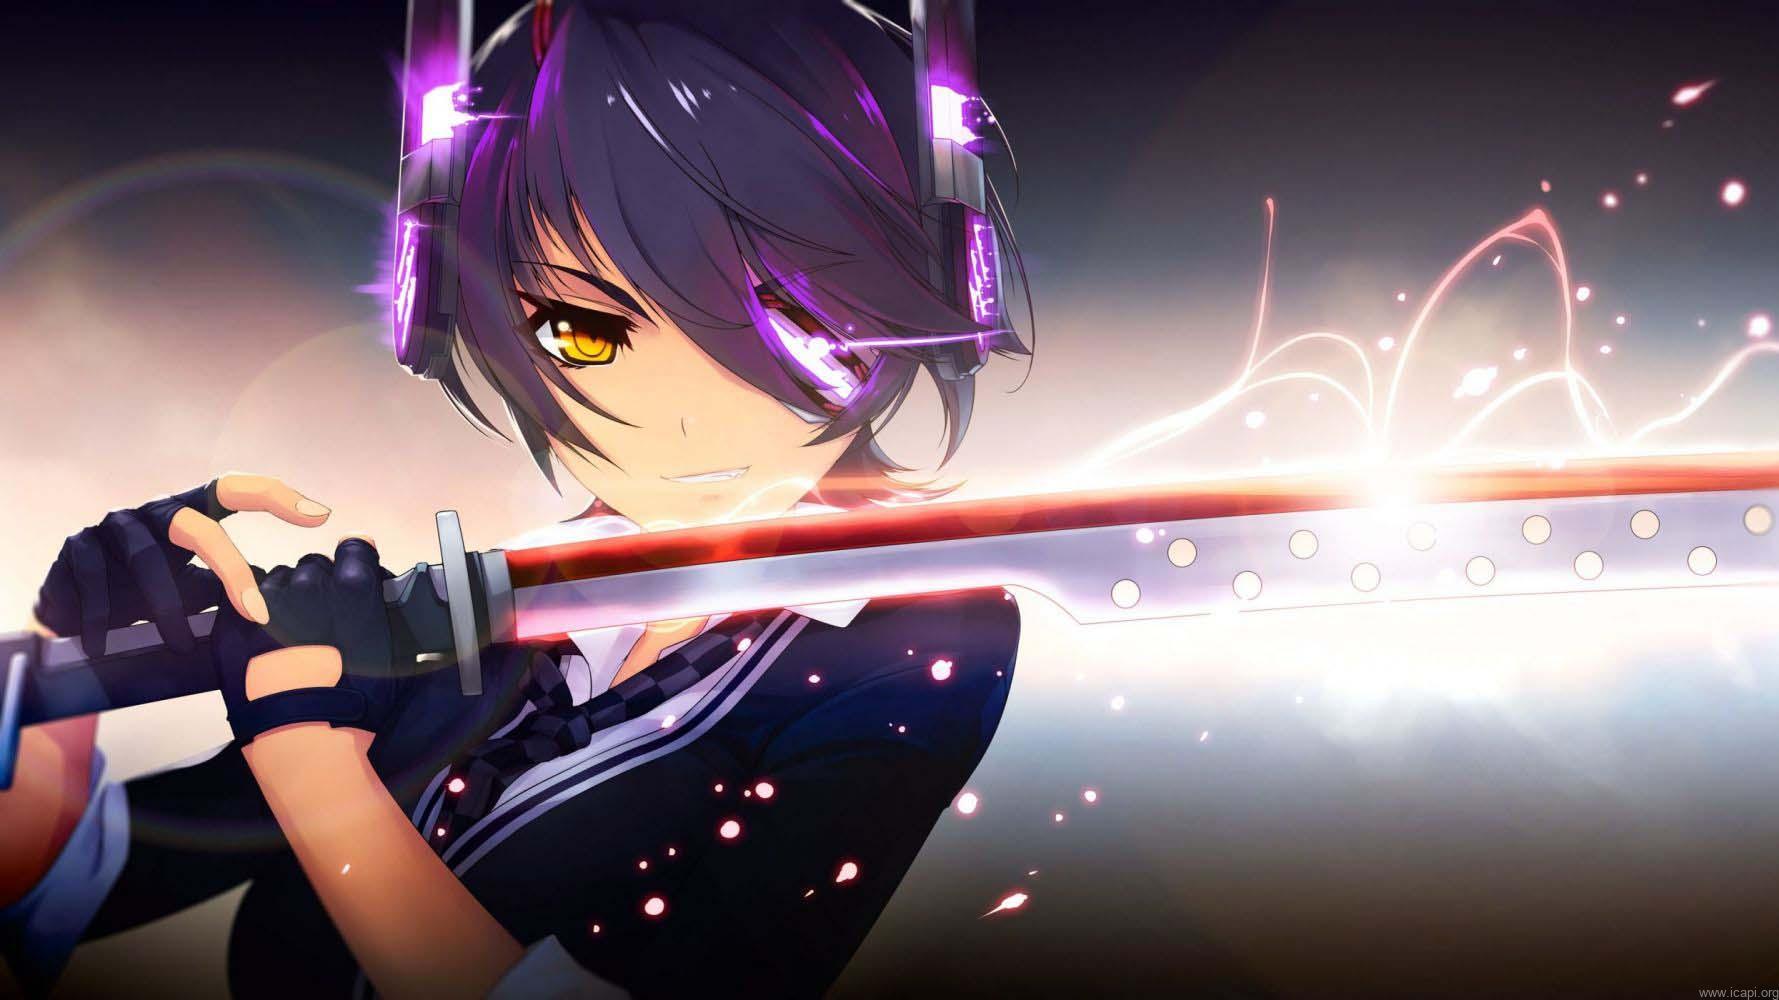 hình nền anime 1080x1920